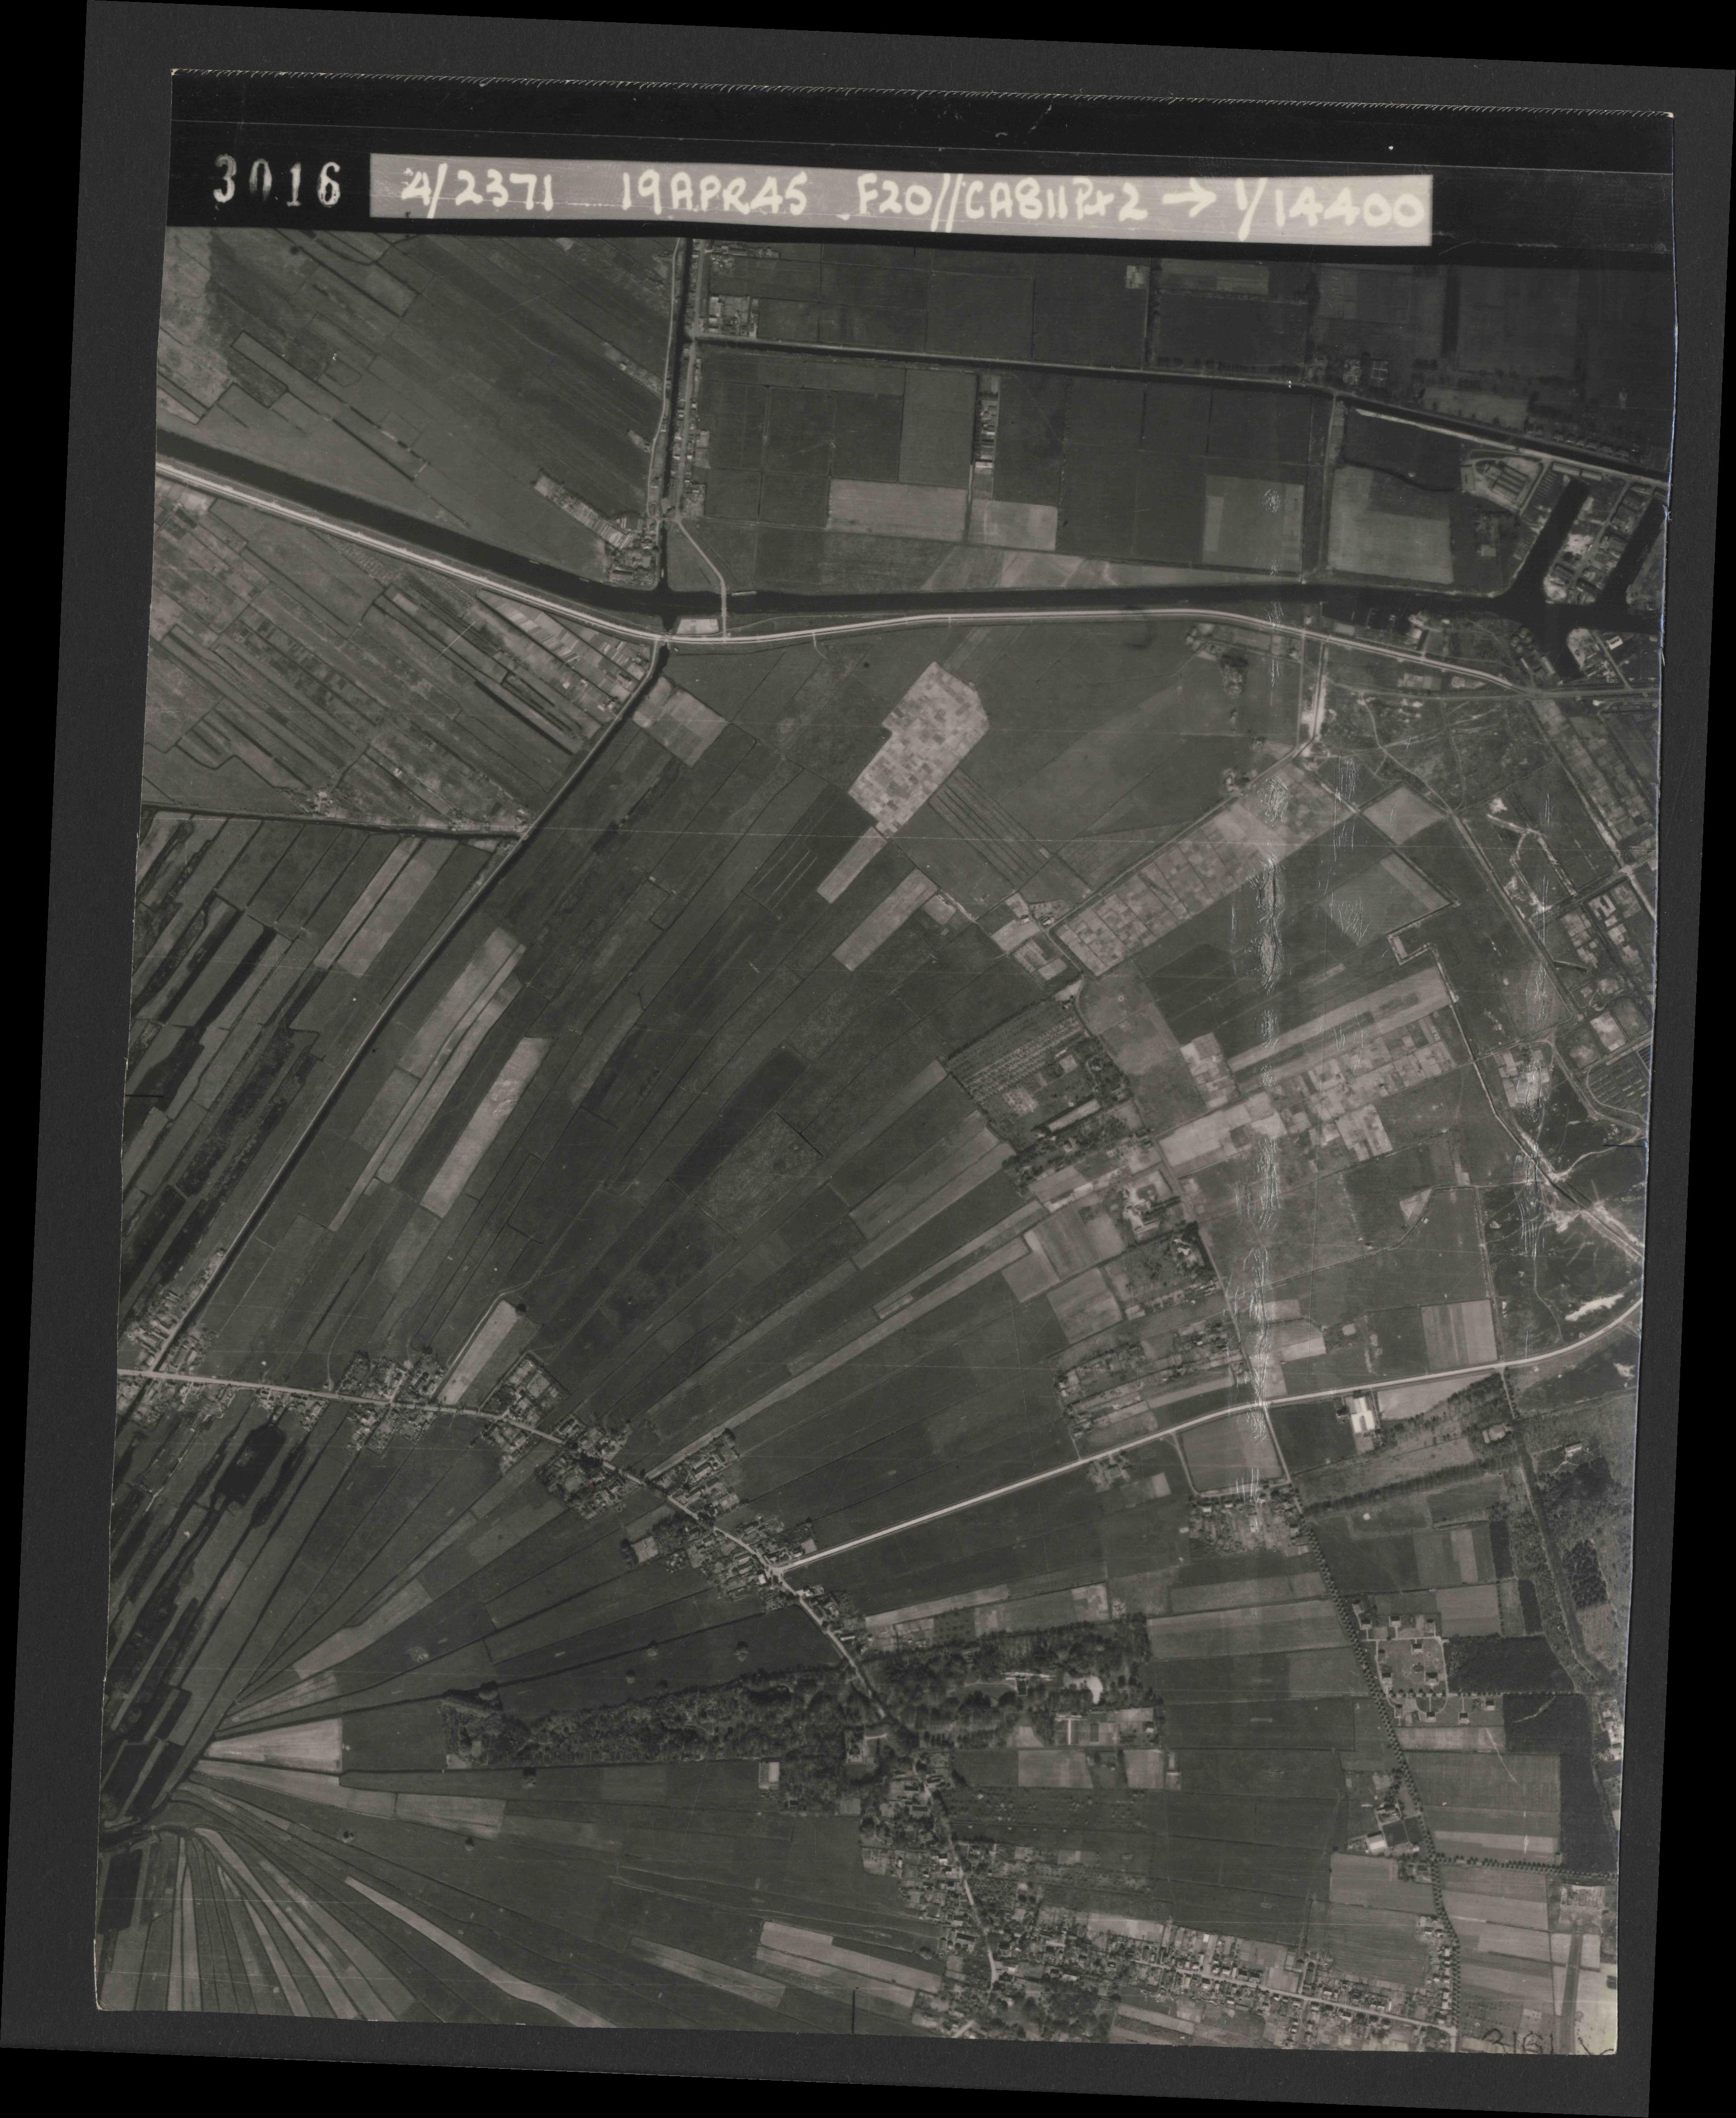 Collection RAF aerial photos 1940-1945 - flight 305, run 01, photo 3016